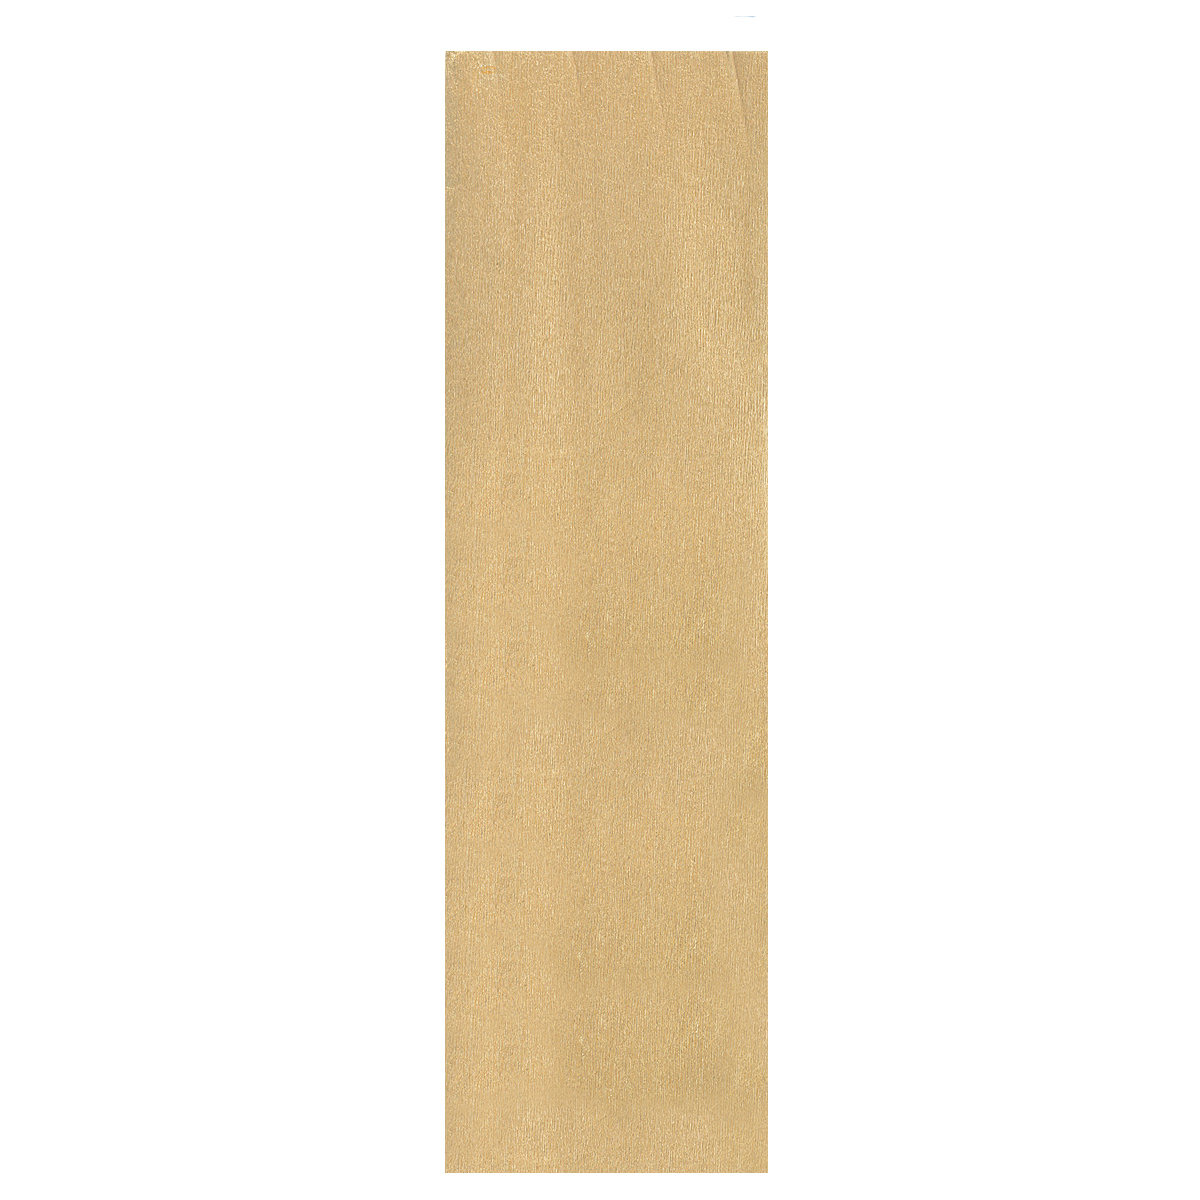 Бумага крепированная Проф-Пресс, металлизированная, цвет: золотистый, 50 х 250 смБ-2302Крепированная металлизированная бумага Проф-Пресс - отличный вариант для воплощения творческих идей не только детей, но и взрослых. Она отлично подойдет для упаковки хрупких изделий, при оформлении букетов, создании сложных цветовых композиций, для декорирования и других оформительских работ. Бумага обладает повышенной прочностью и жесткостью, хорошо растягивается, имеет жатую поверхность.Кроме того, металлизированная бумага Проф-Пресс поможет увлечь ребенка, развивая интерес к художественному творчеству, эстетический вкус и восприятие, увеличивая желание делать подарки своими руками, воспитывая самостоятельность и аккуратность в работе. Такая бумага поможет вашему ребенку раскрыть свои таланты.